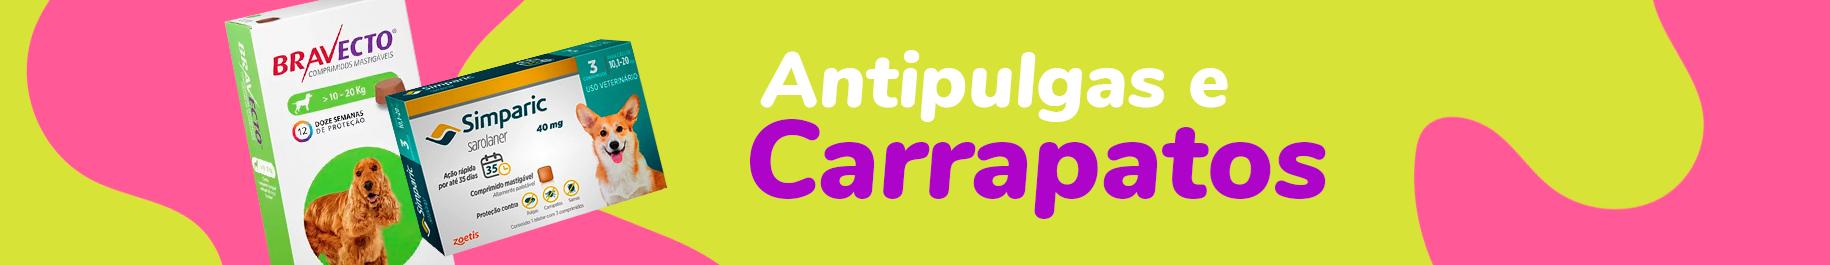 Antipulgas e carrapatos